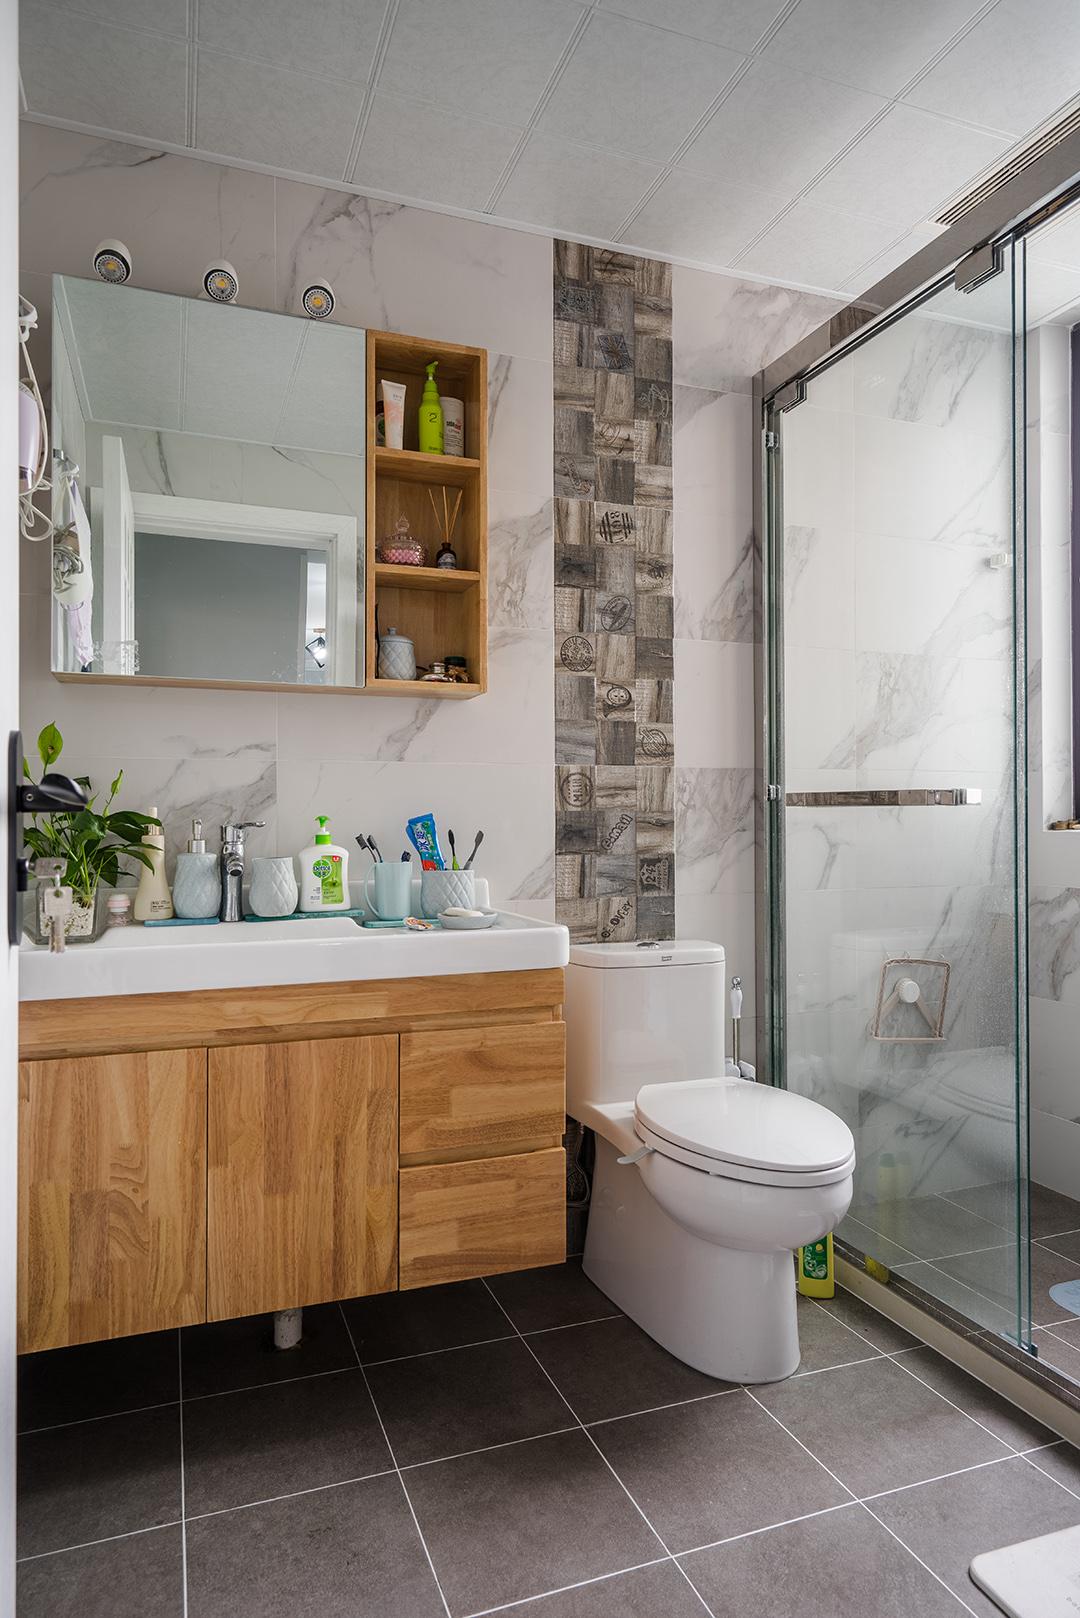 卫生间灰色地砖配上白色墙砖层次分明,马桶背后的腰带设计点亮了整个空间。